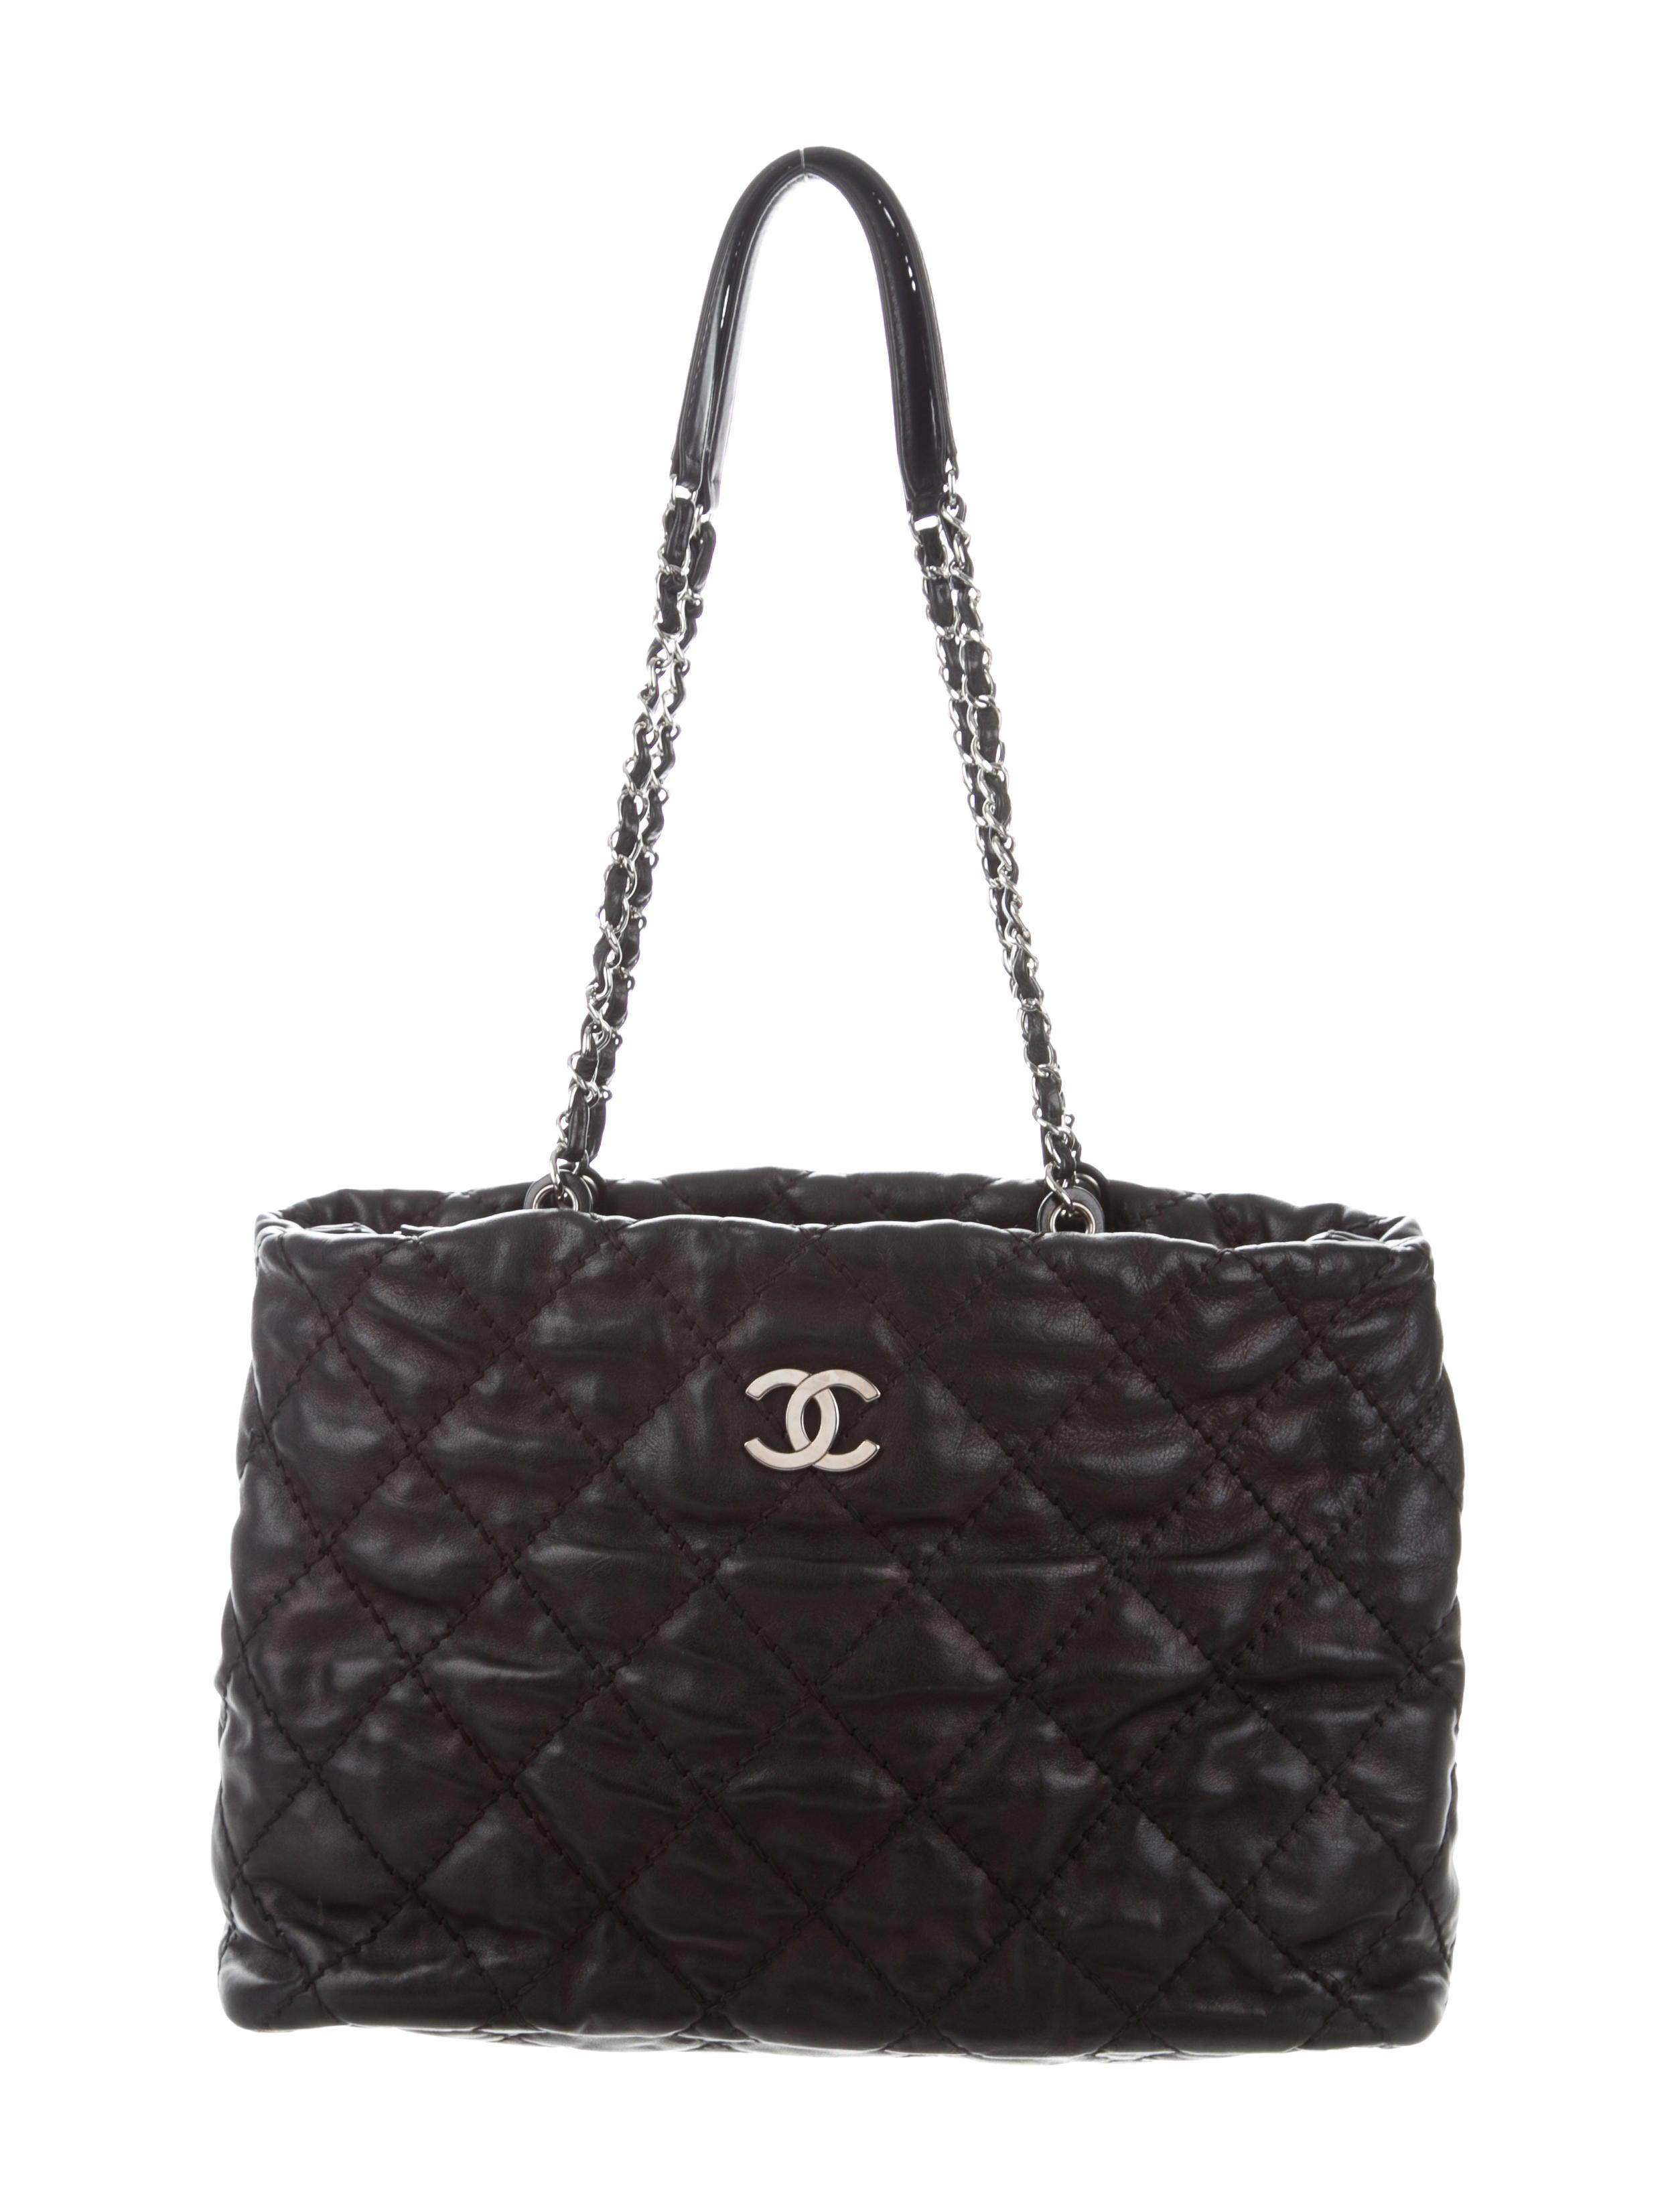 Chanel Love Me Tender Medium Tote - Handbags - CHA332488  f539fdbfb01db